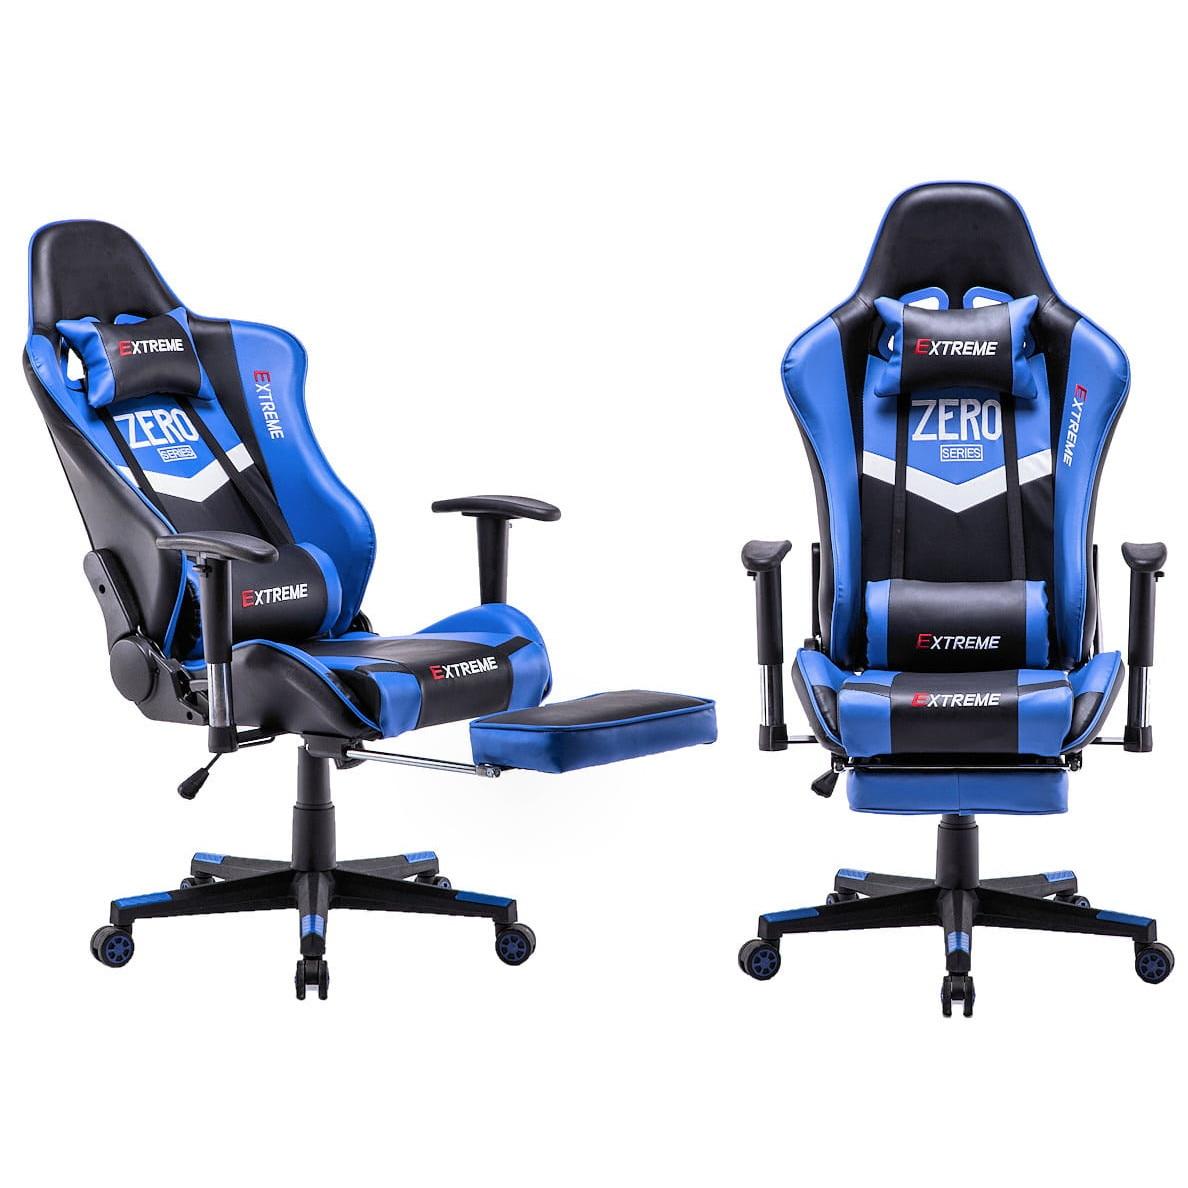 gumikerekes gamer szék